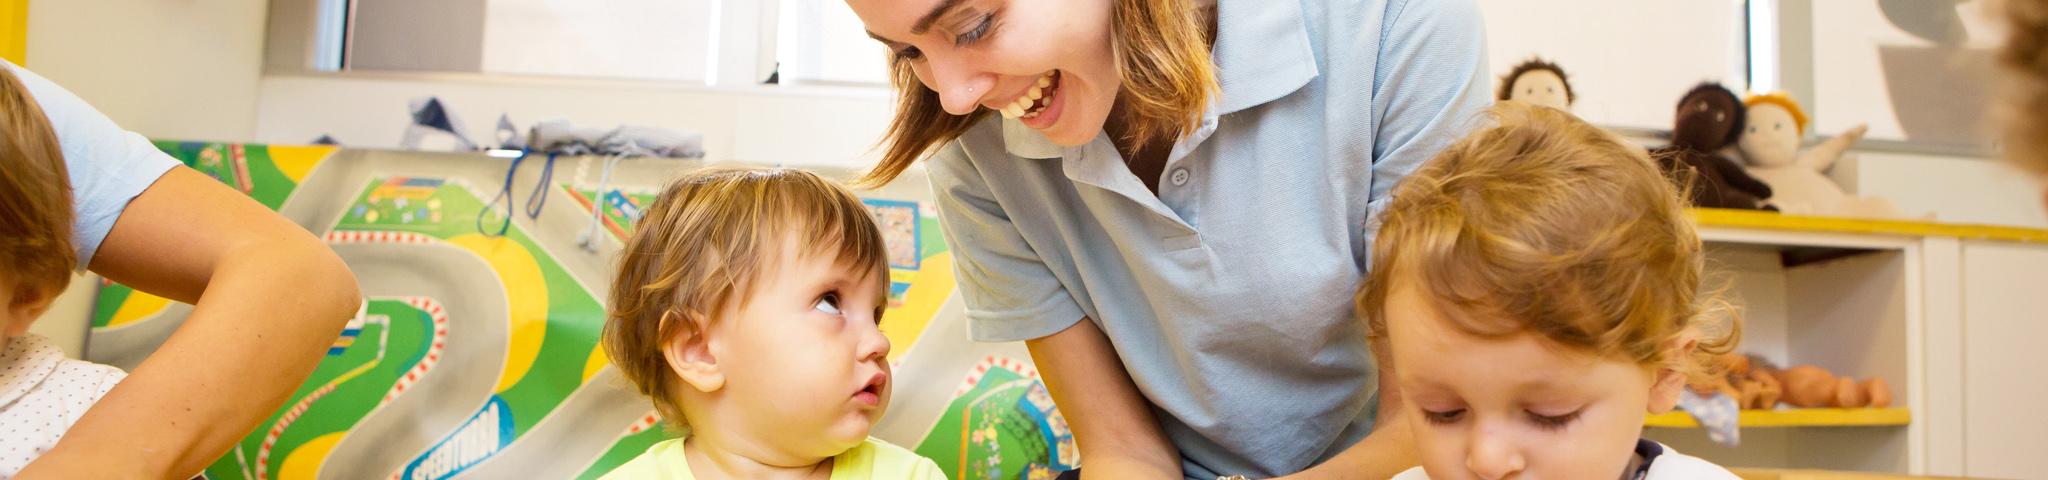 Metodo, educazione positiva Happy Child - Lode, fiducia, sicurezza